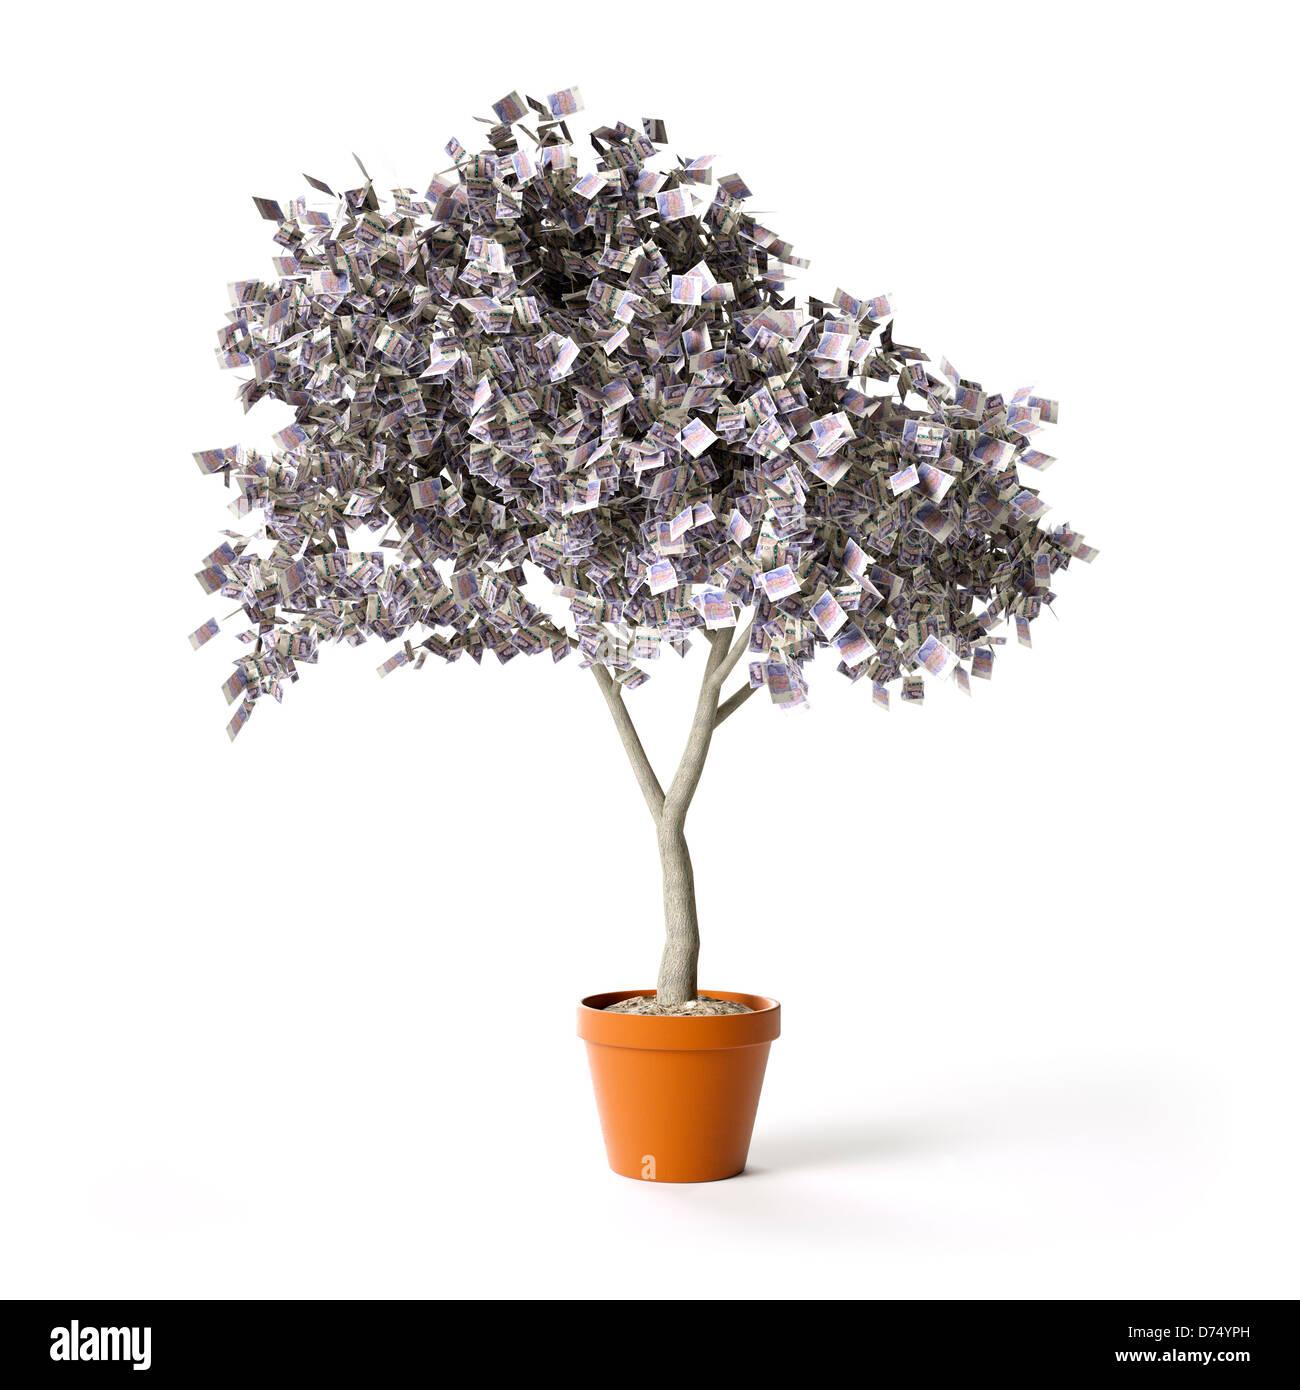 Geld von 20 Pfund Sterling Noten - finanzielle Wachstum/Einsparungen Konzept - Baum aus weißem Hintergrund Stockbild